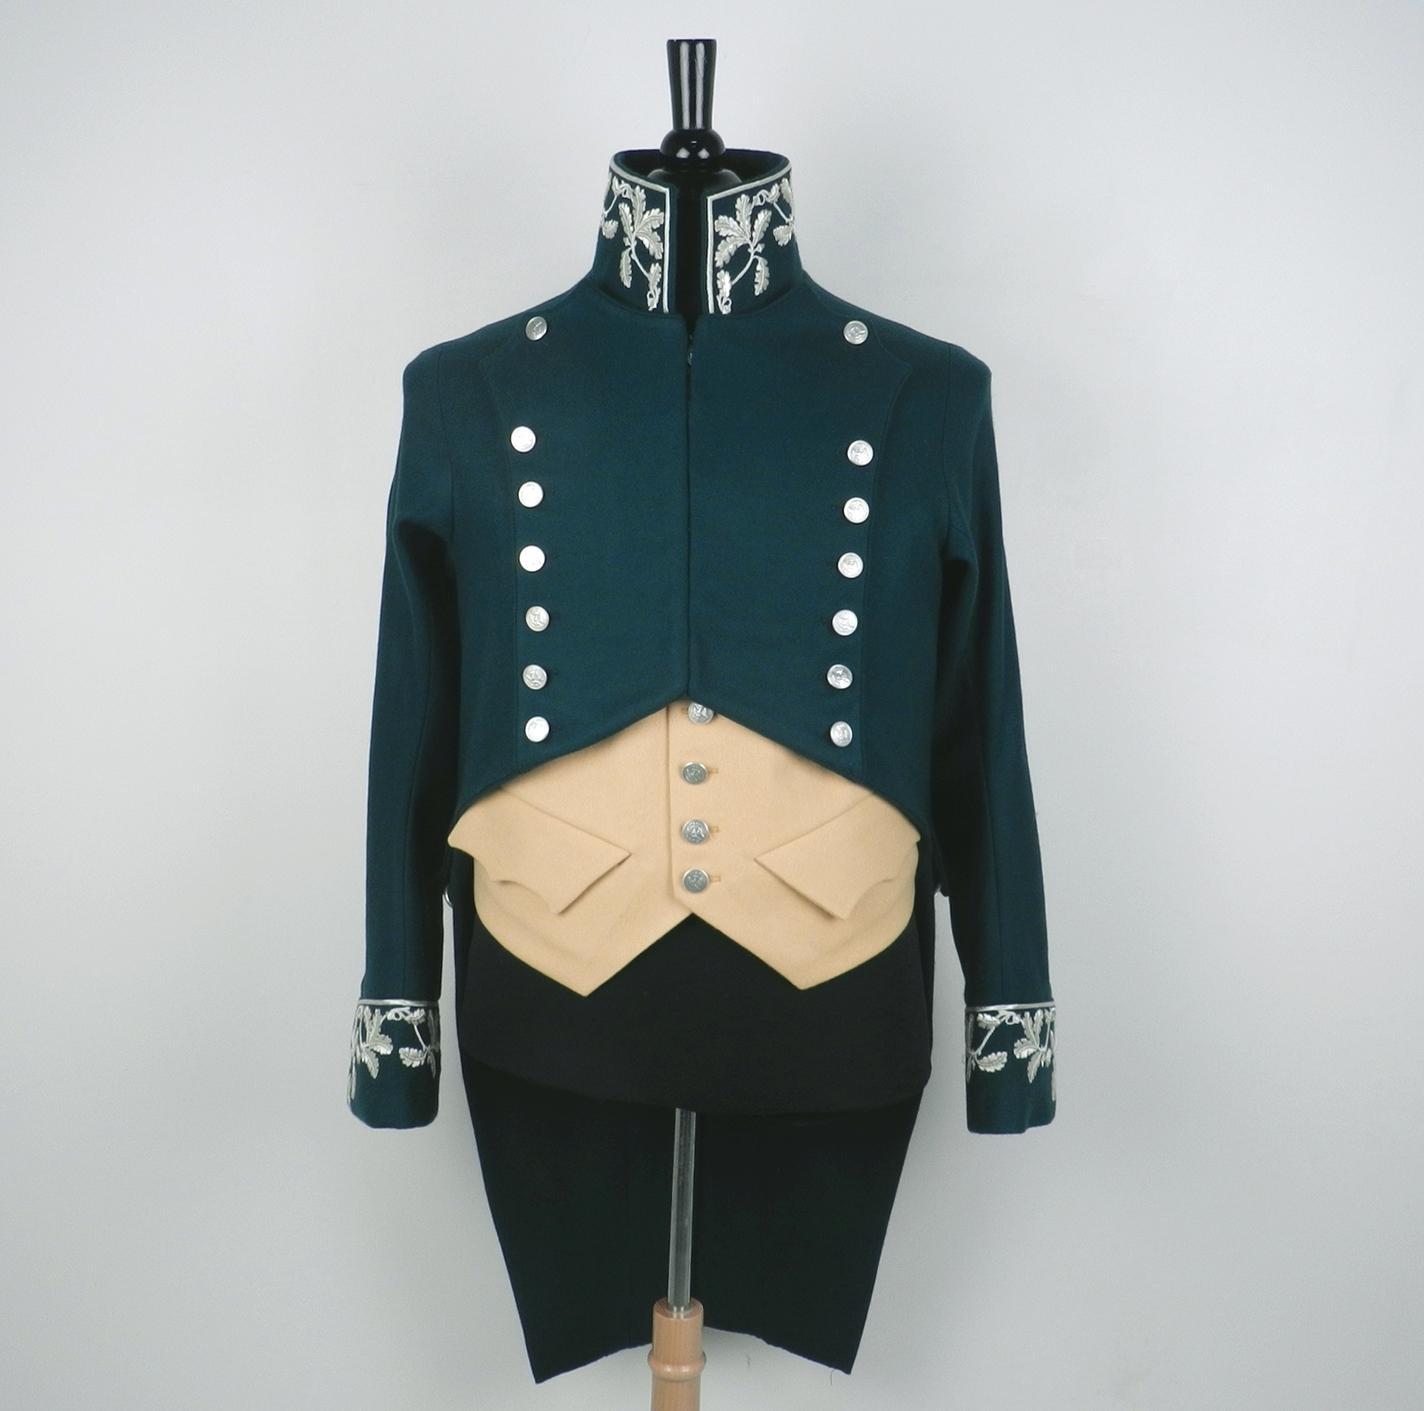 Antikcostume uniforme d 39 inspecteur des eaux et for ts for Eaux et forets